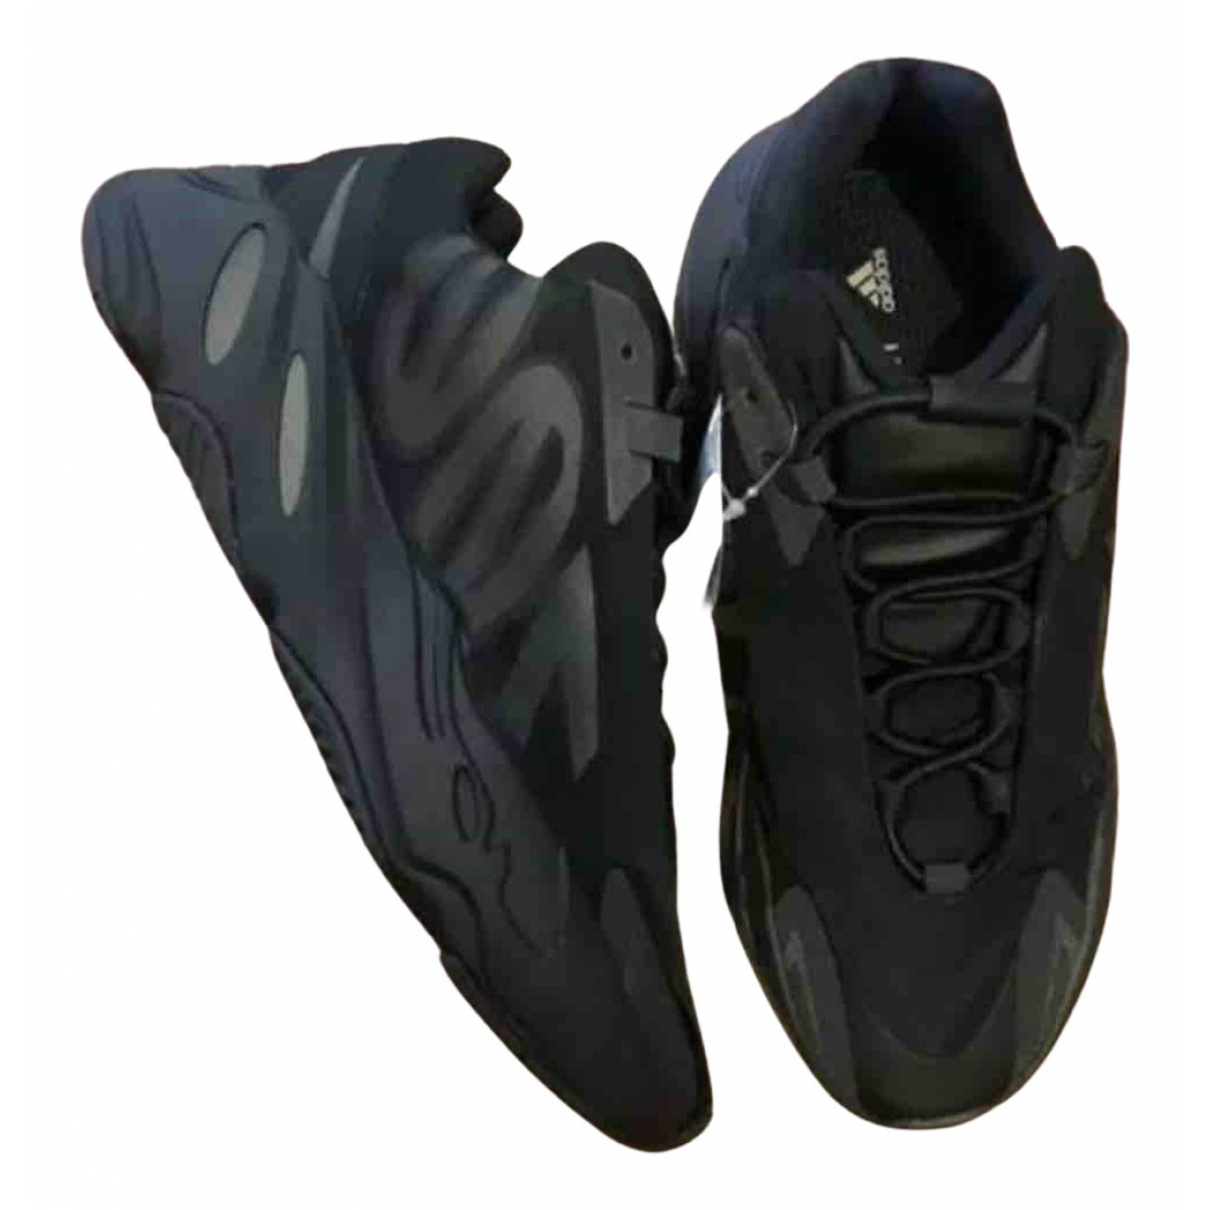 Yeezy X Adidas - Baskets 700 MNVN PHOSPHOR pour homme en a paillettes - noir